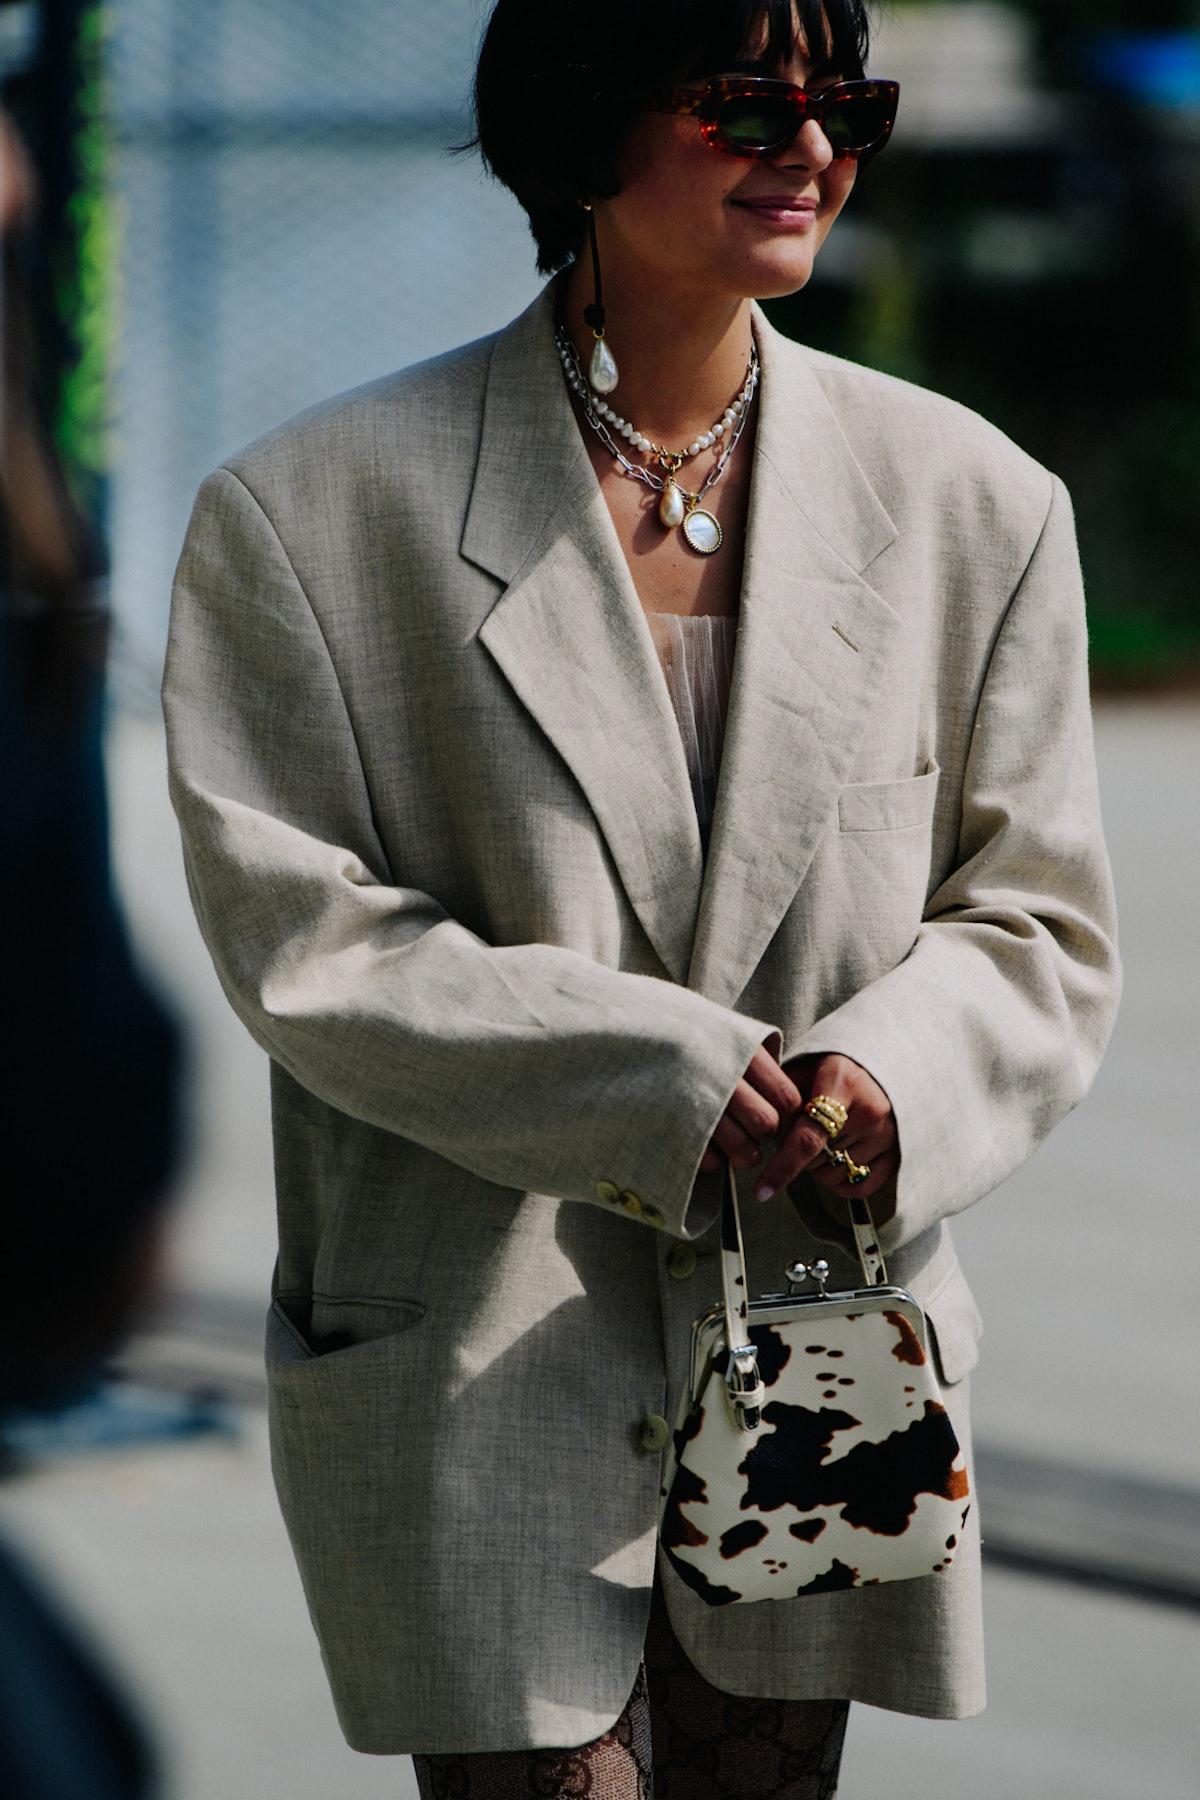 Adam-Katz-Sinding-W-Magazine-Copenhagen-Fashion-Week-Spring-Summer-2020_AKS3755.jpg